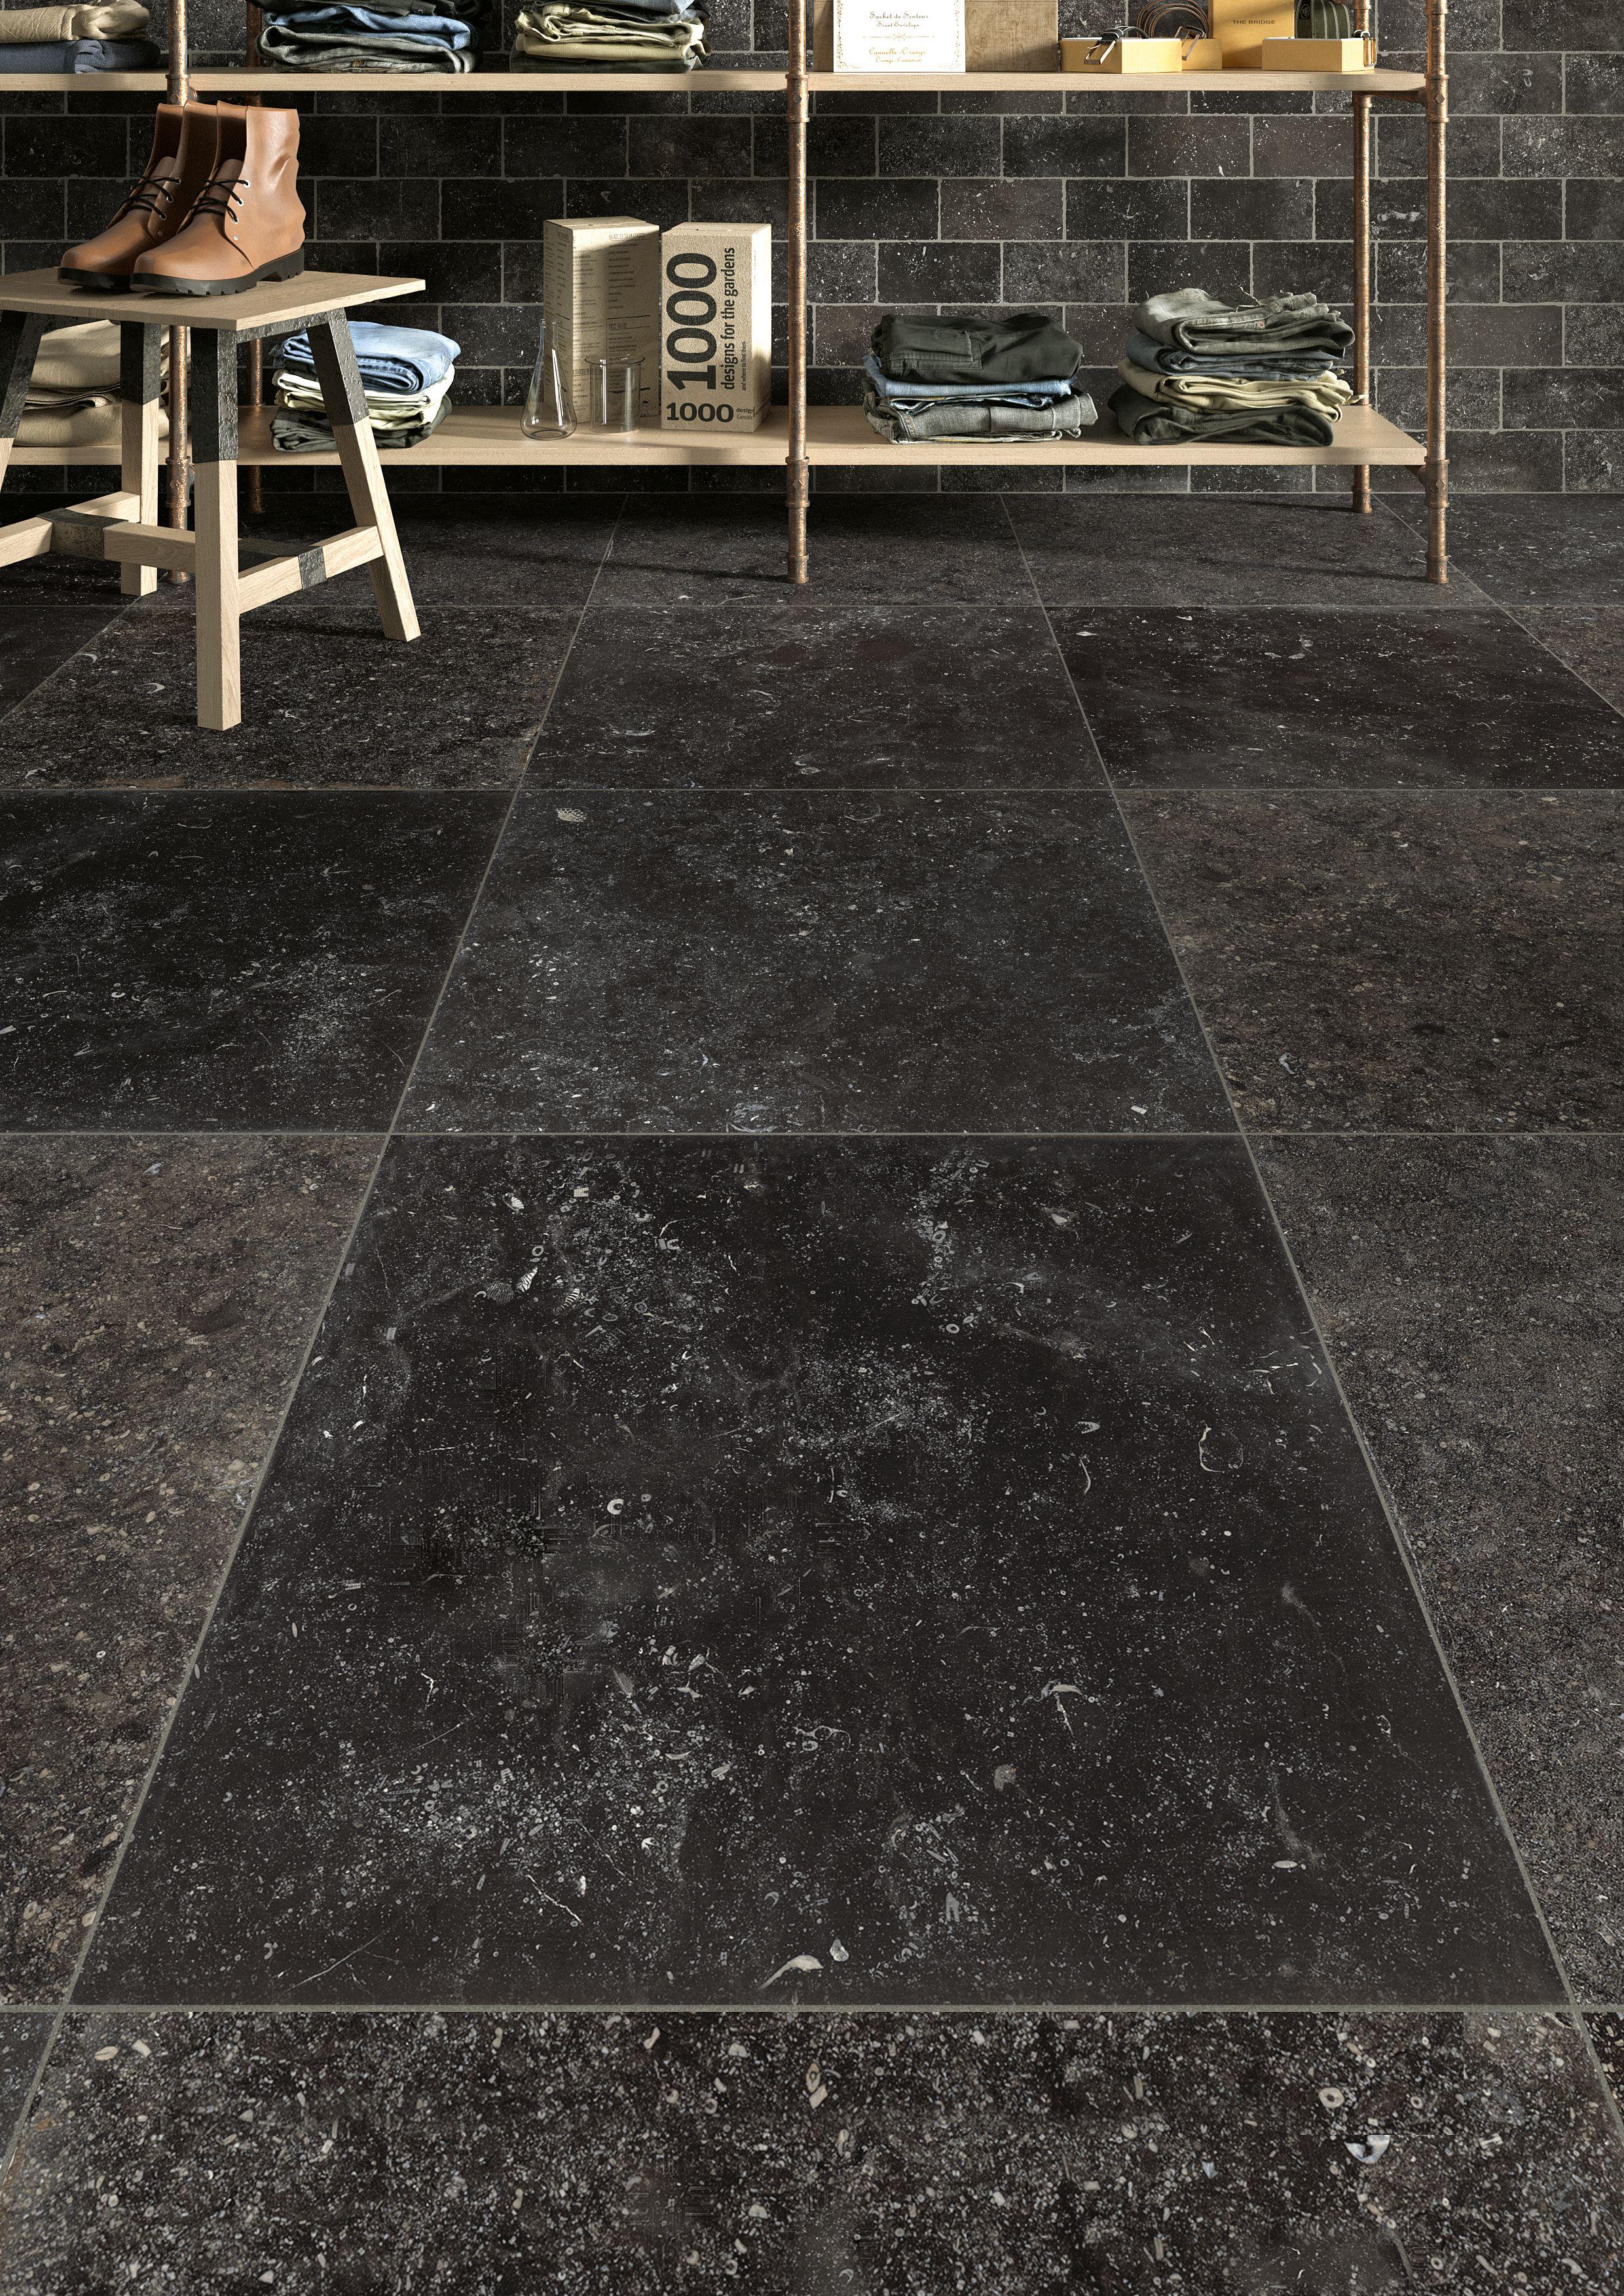 Blauwsteen Tegels 60x60.Exclusieve Keramisch Zacht Blinkende Blauwsteen Collectie